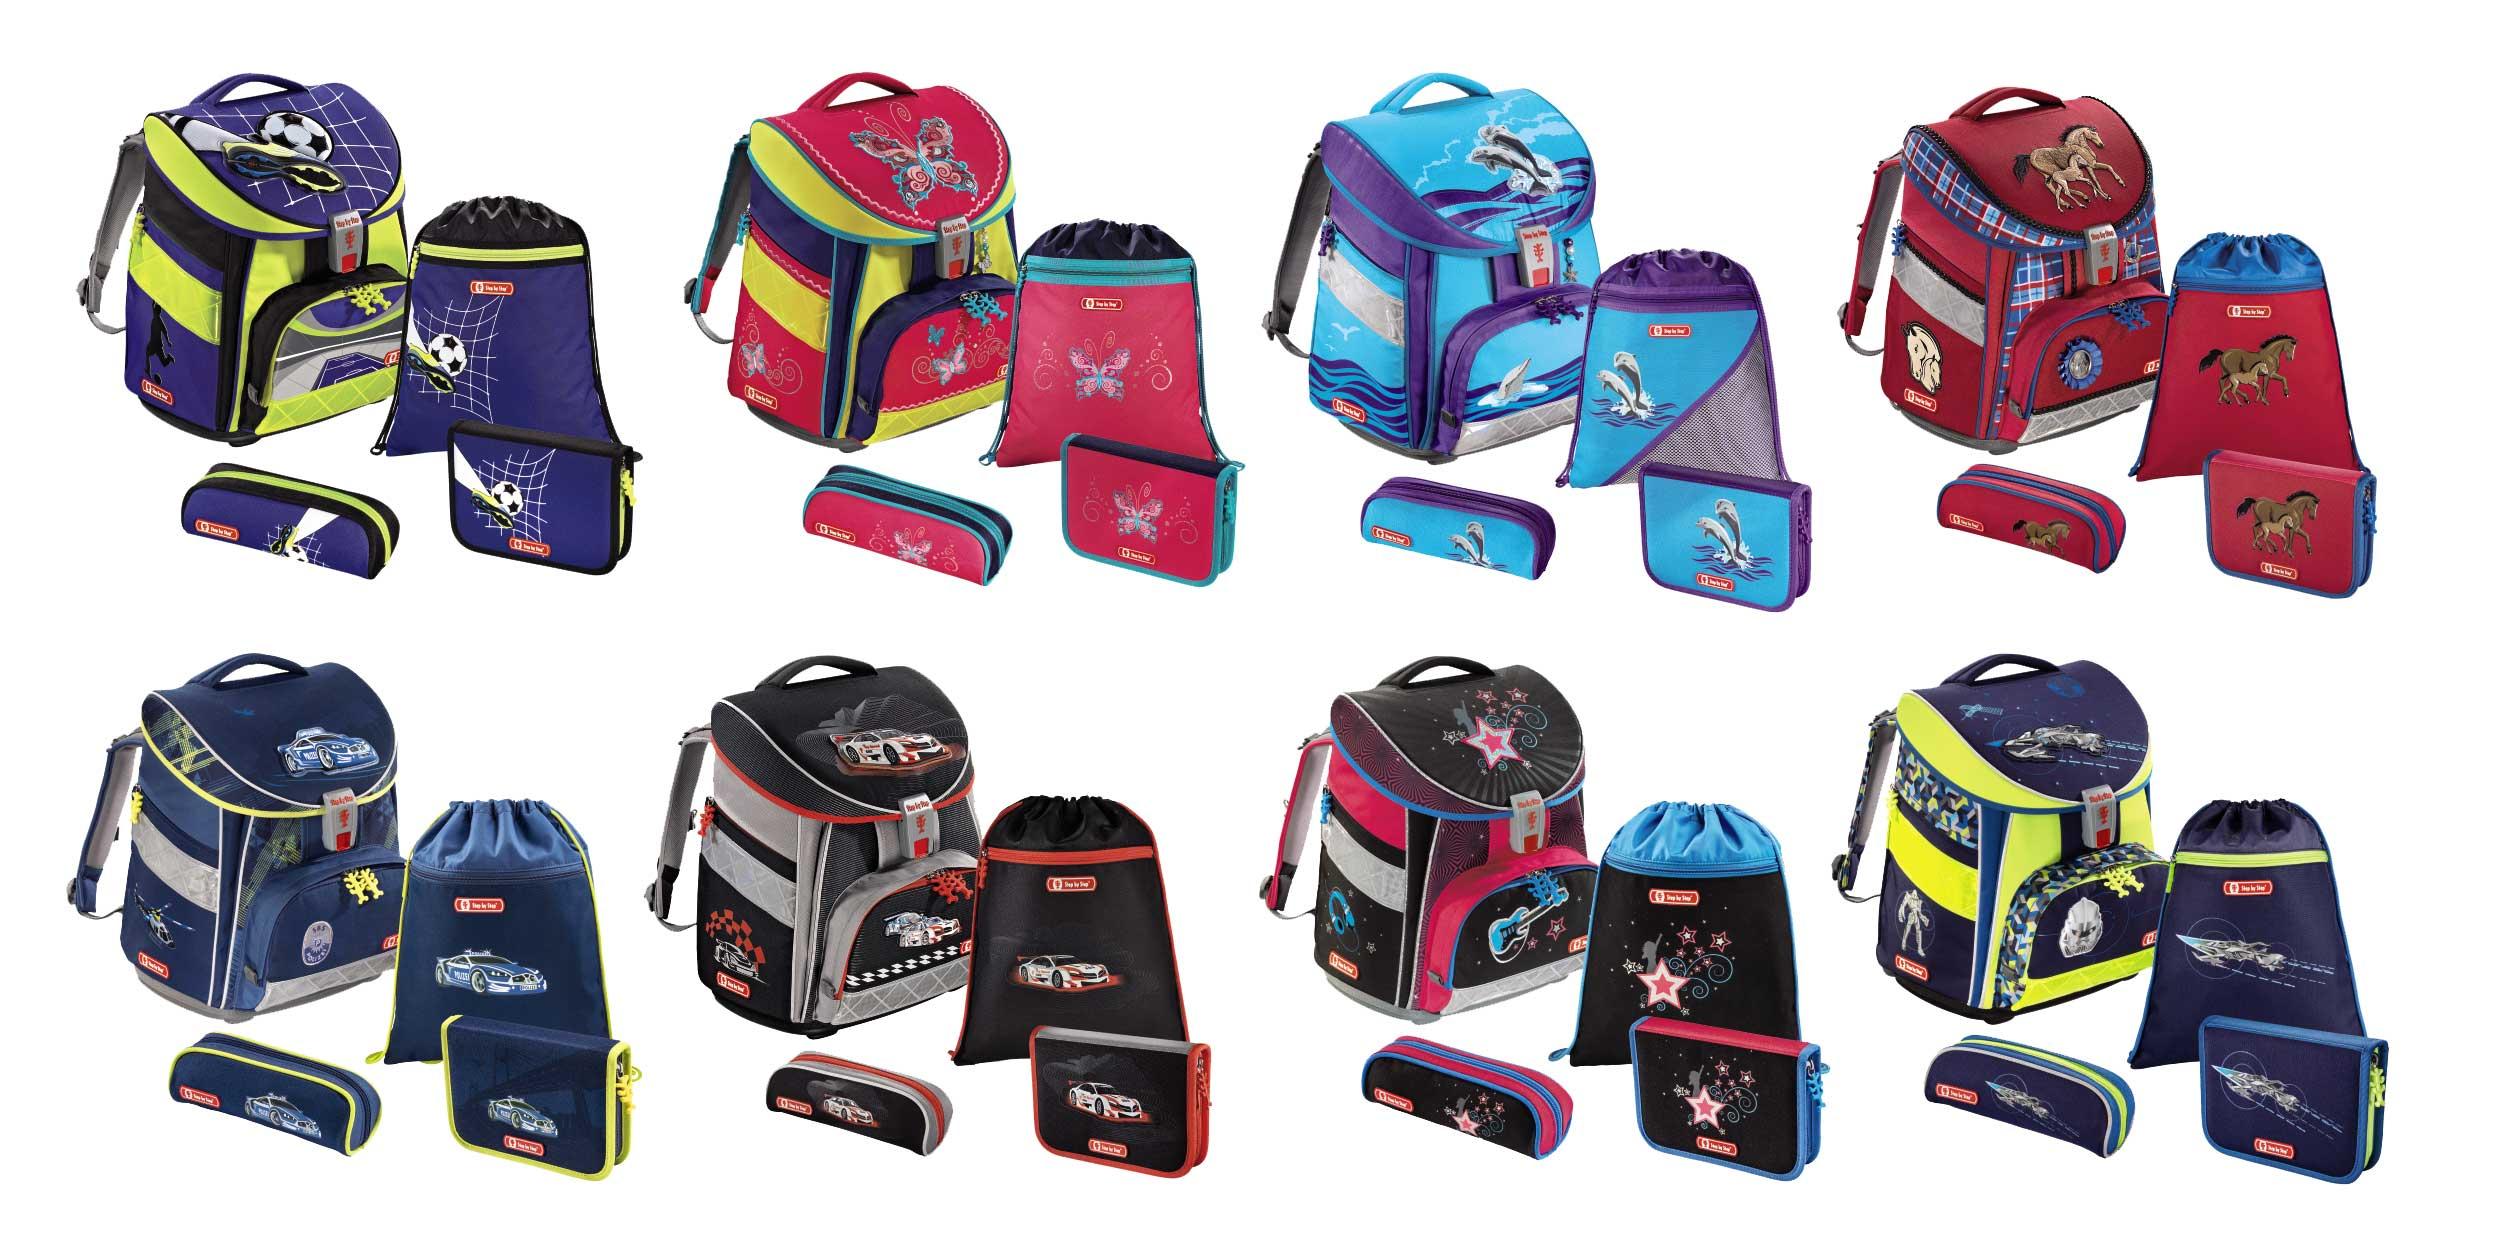 a0347f3533 Školské tašky sety predaj online eshop cena